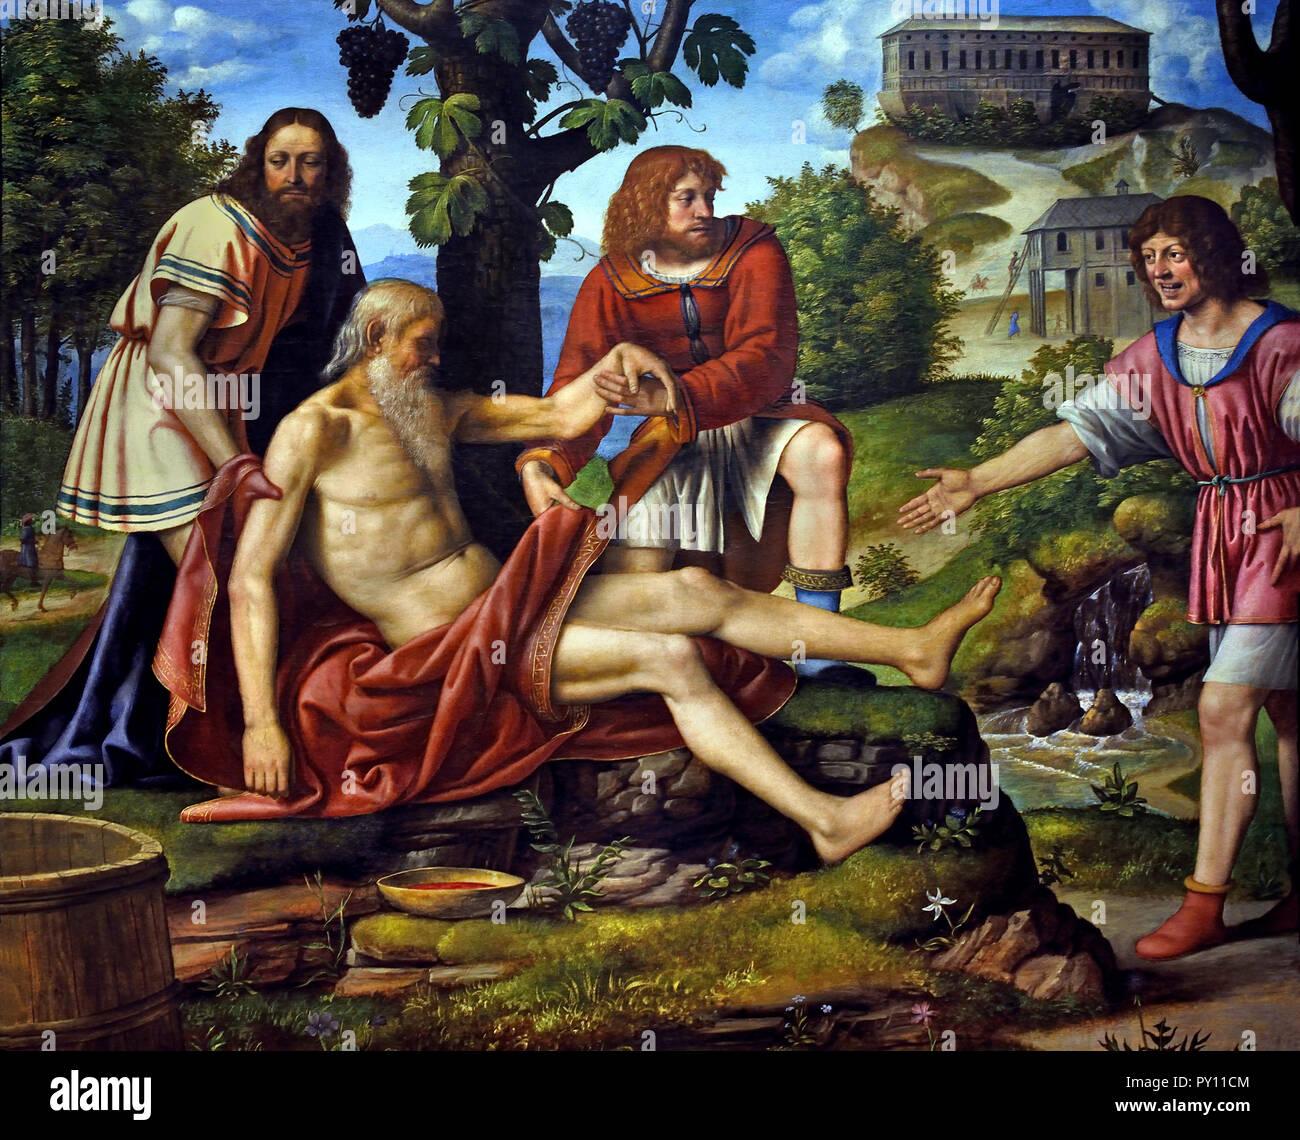 The Scorn of Cam 1510-1515 by Bernardino Luini 15-16th Century Italy, Italian. - Stock Image